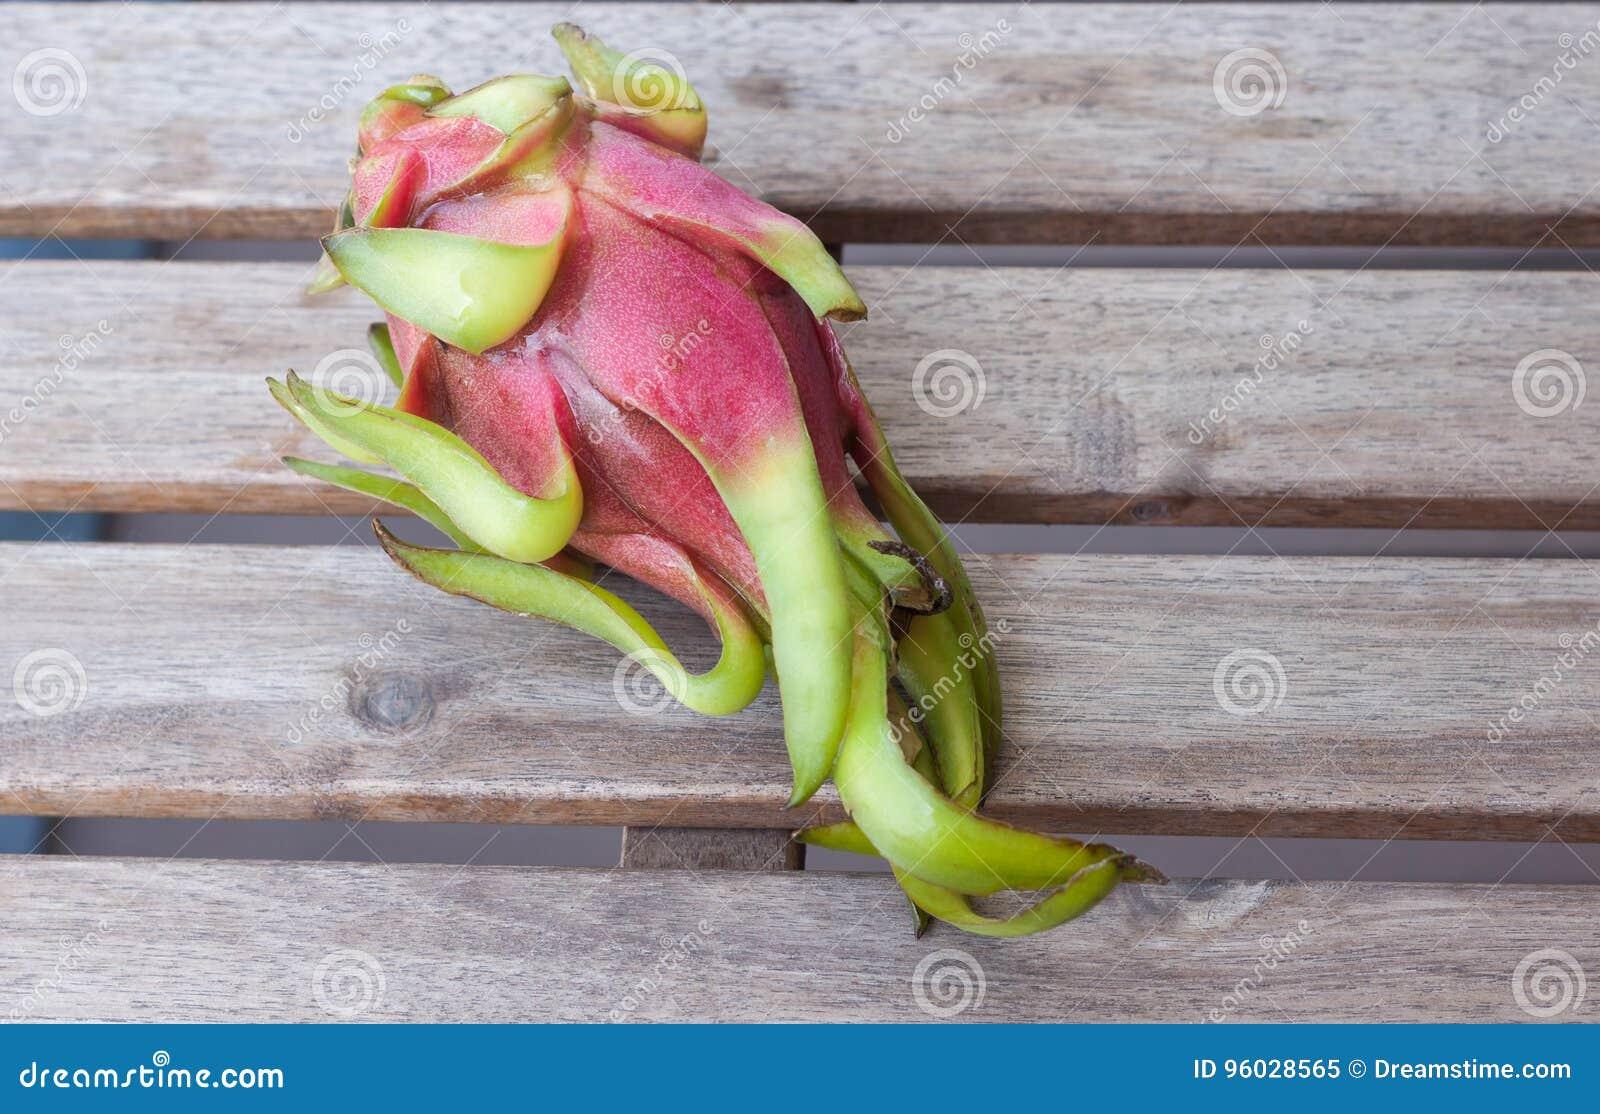 Smok owoc na drewnianym stole